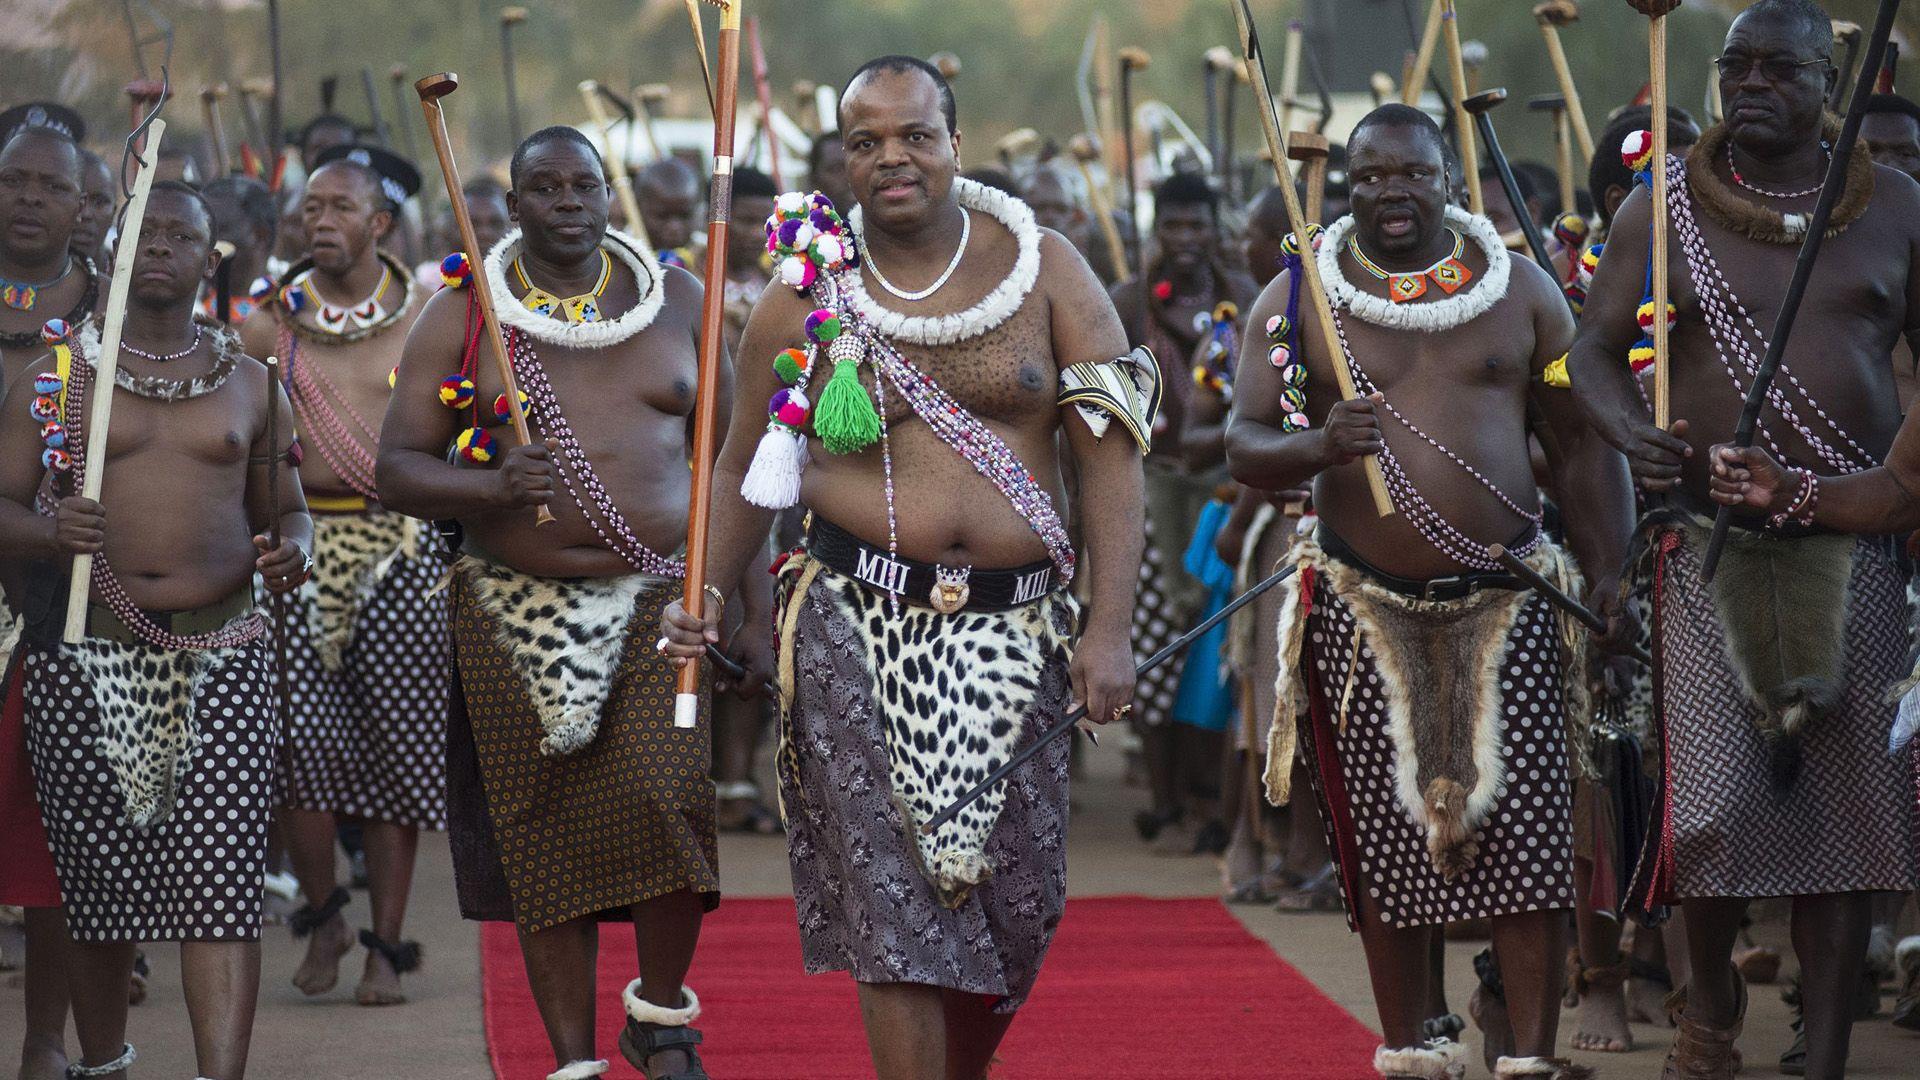 Ismerjétek meg III. Mswatit szváziföldi királyát, aki 18 évesen került a trónra, és 15 felesége van